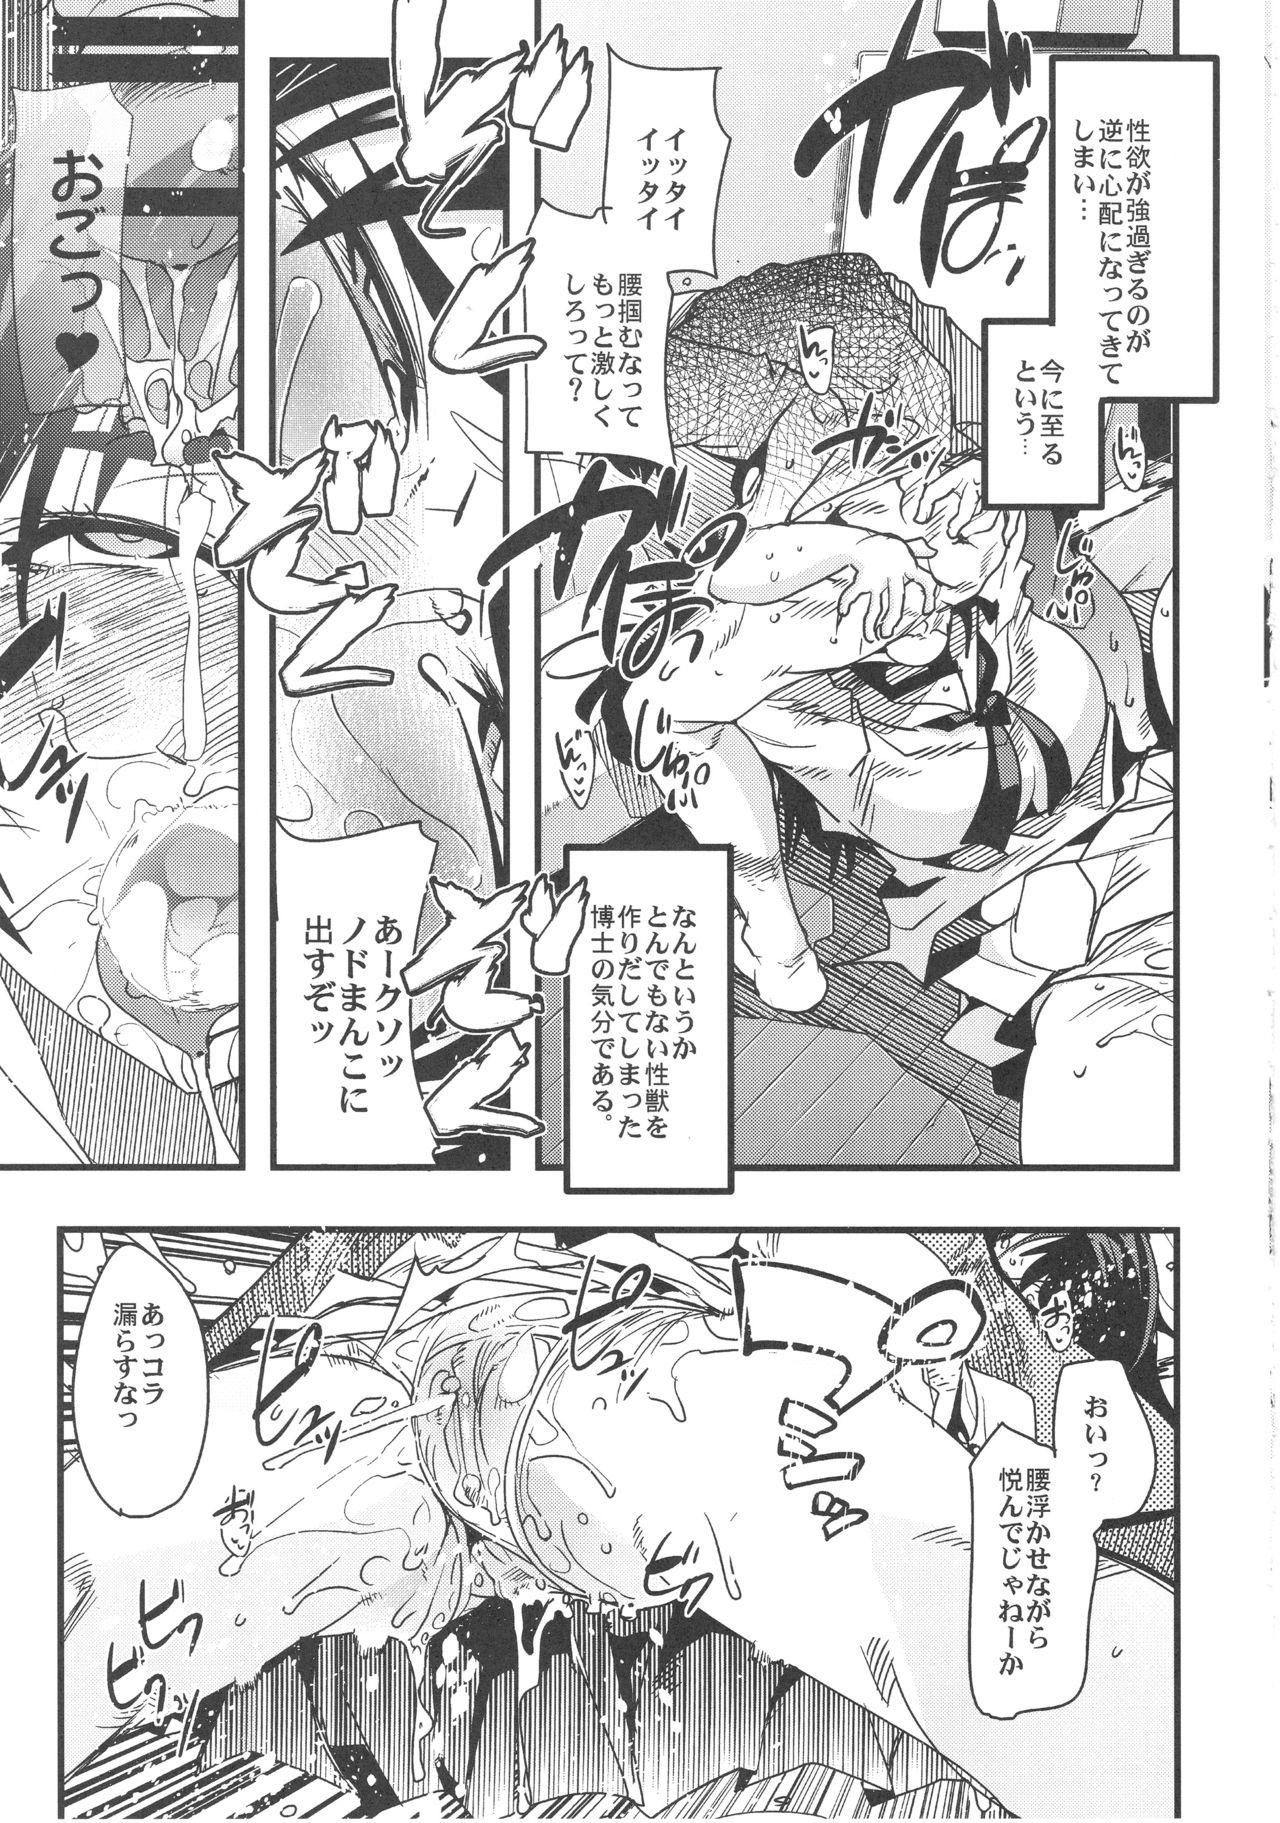 Murakami ni Kareshi ga Dekite Otome ni Natte Shimau Hon 7